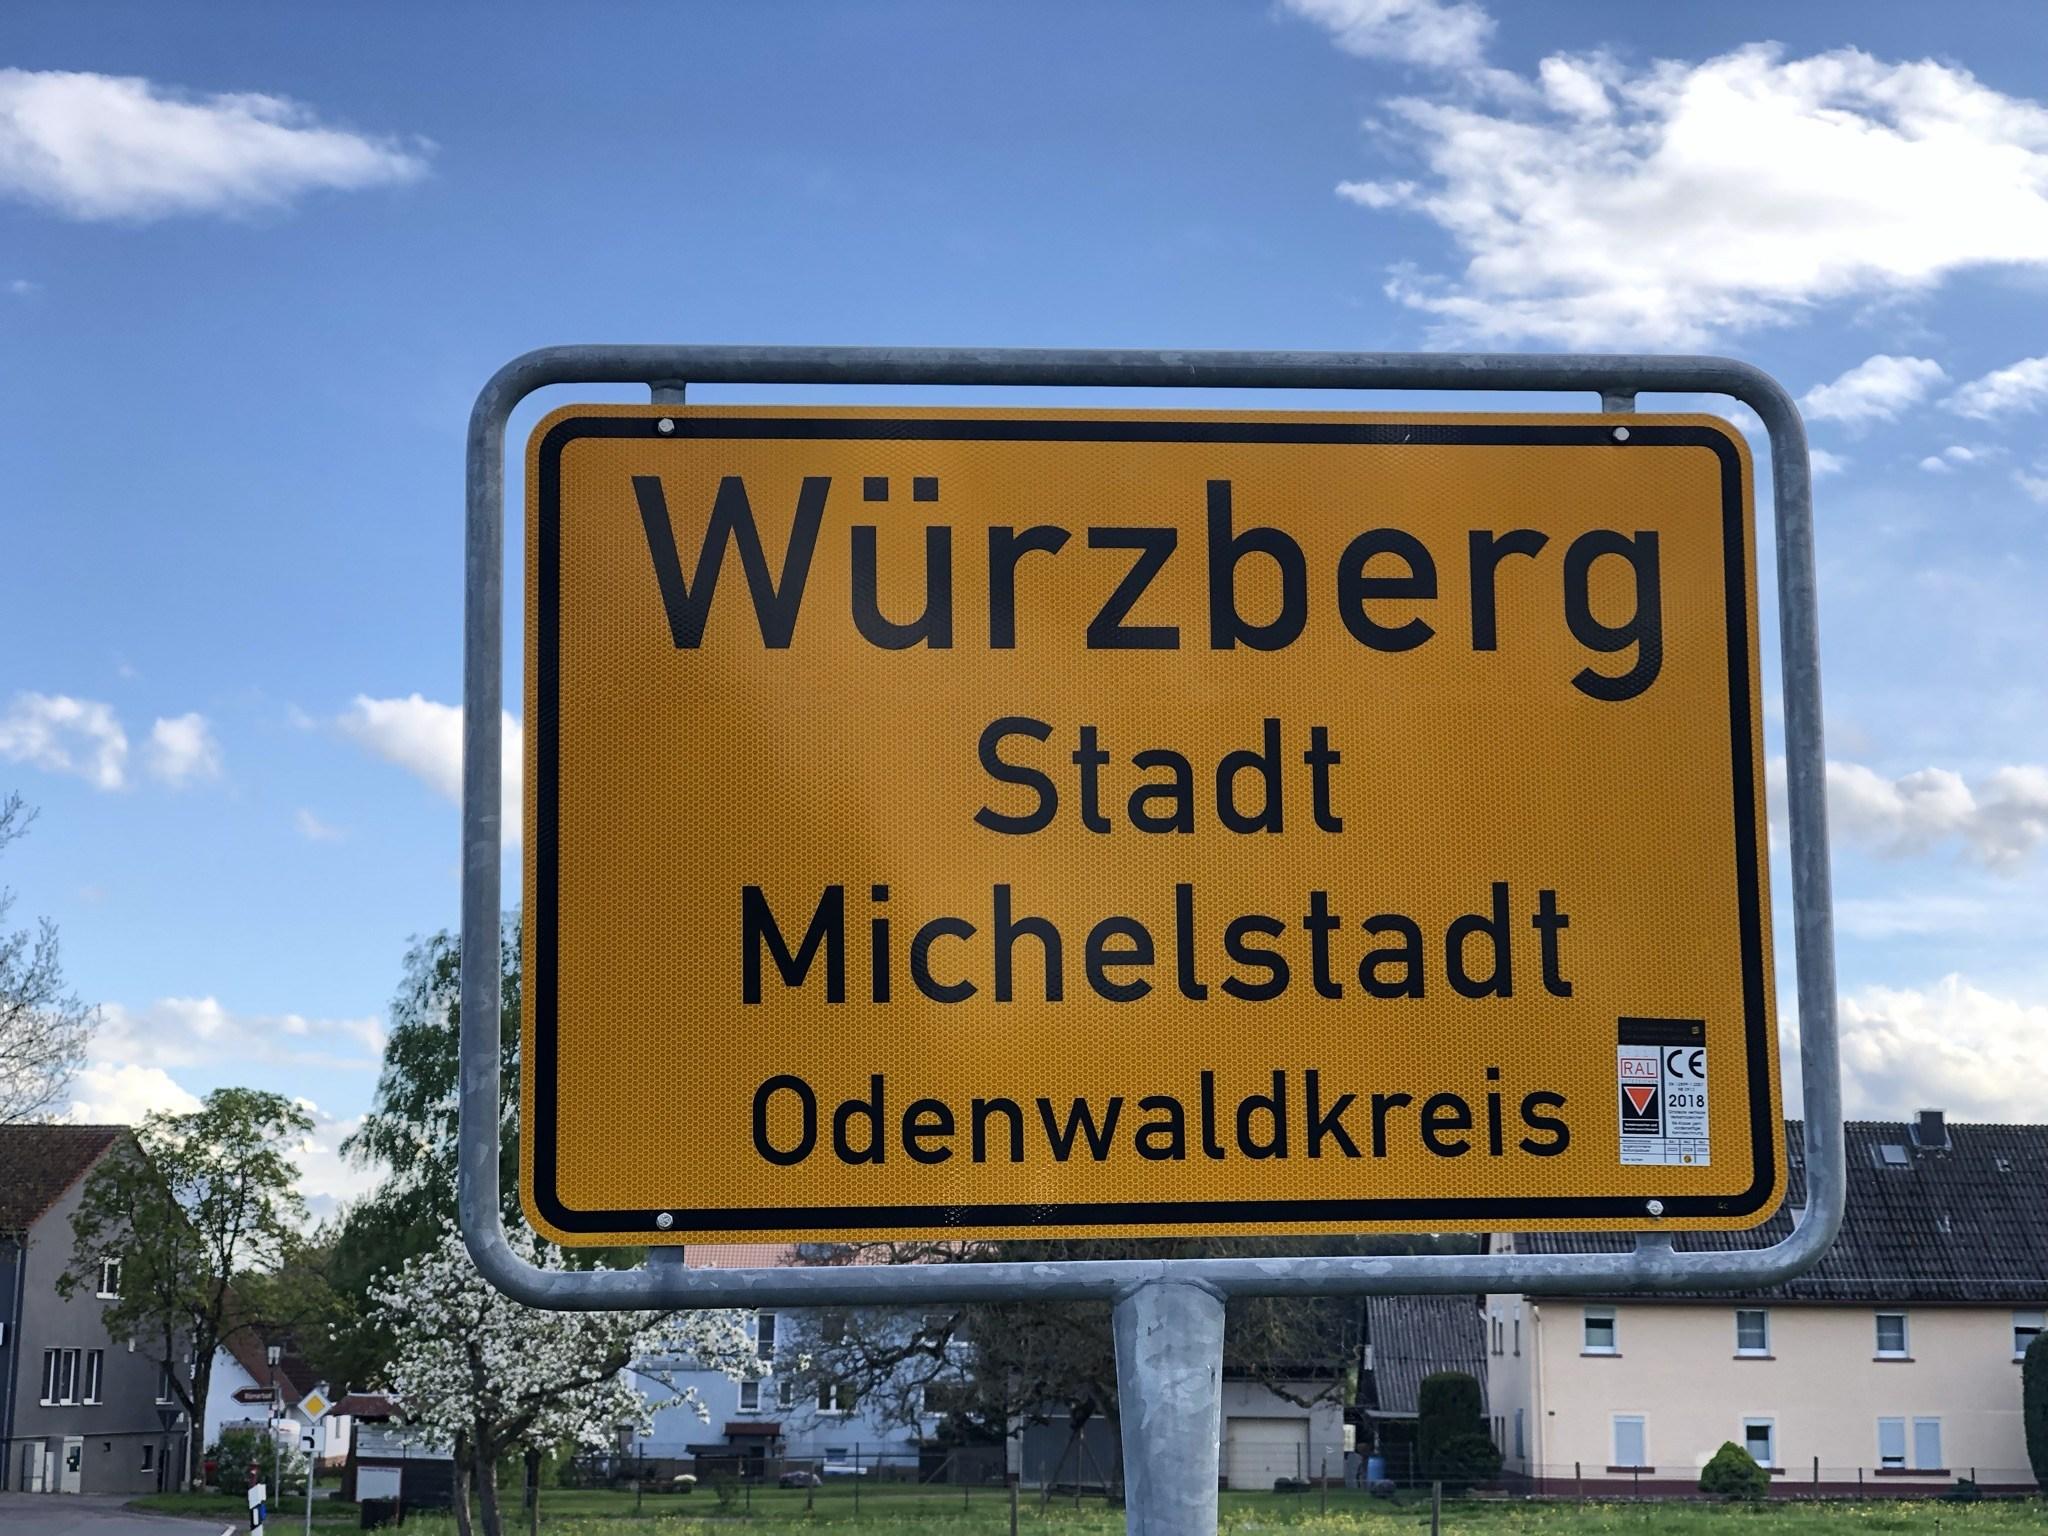 Konstituierende Sitzung des Ortsbeirates von Würzberg